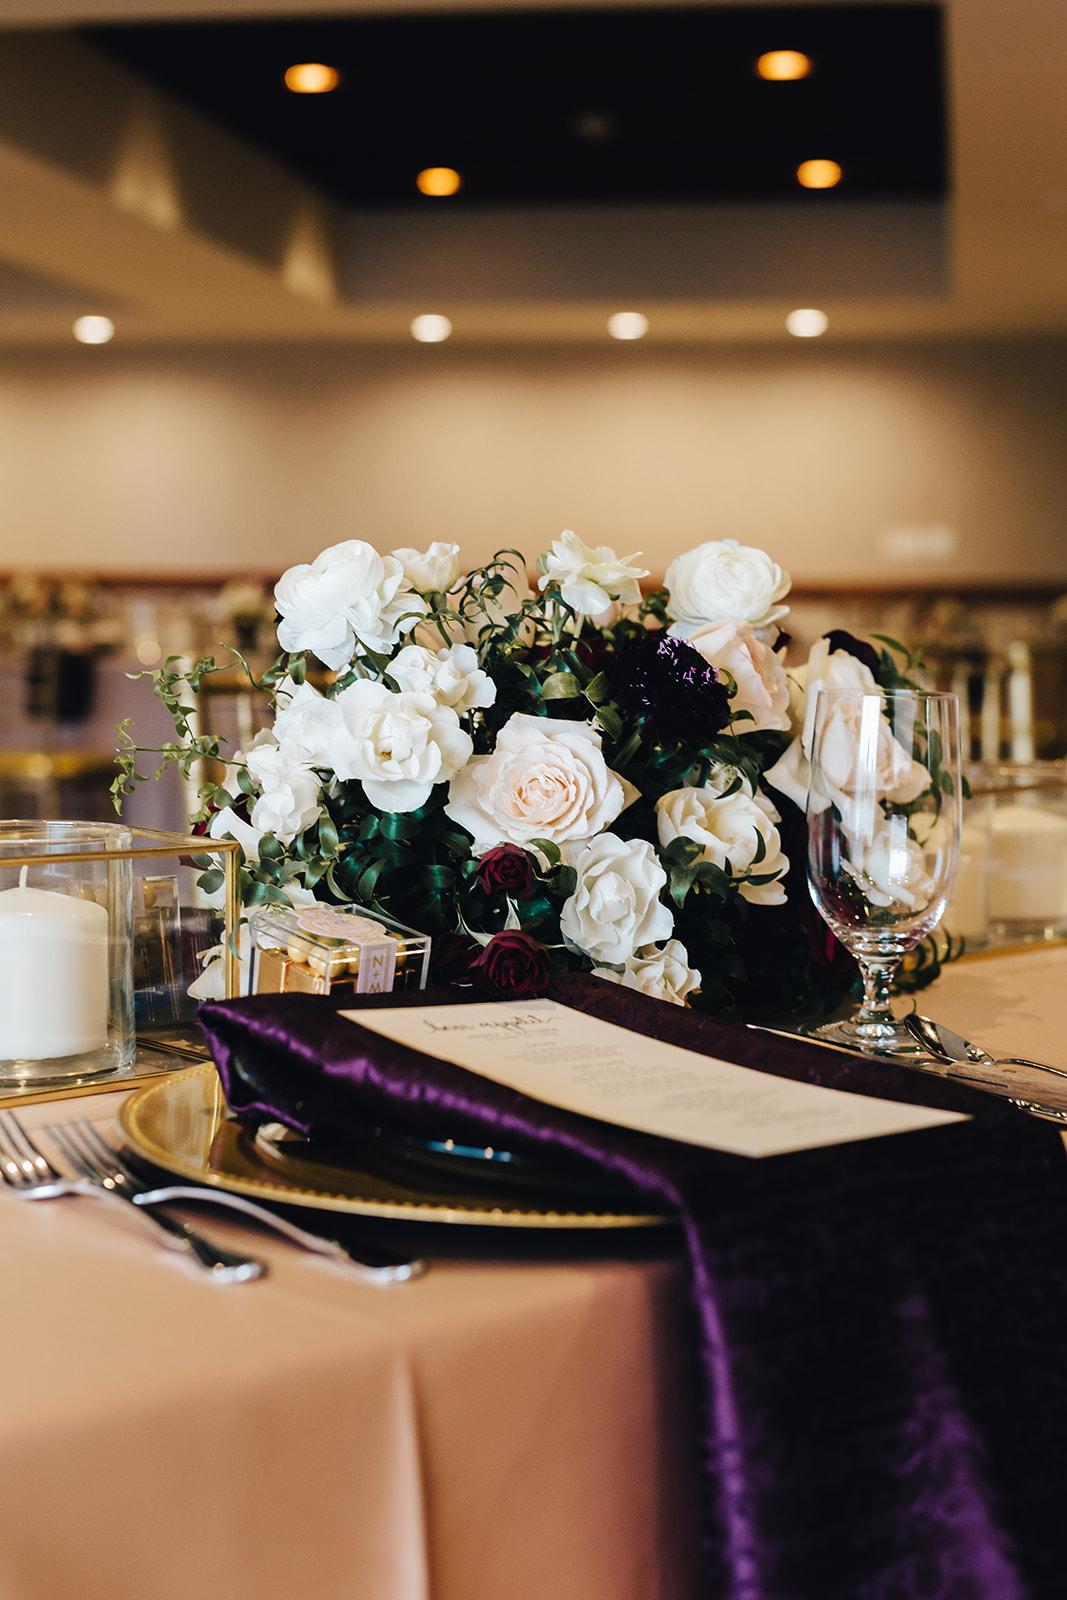 Table decor for West Bay Beach wedding